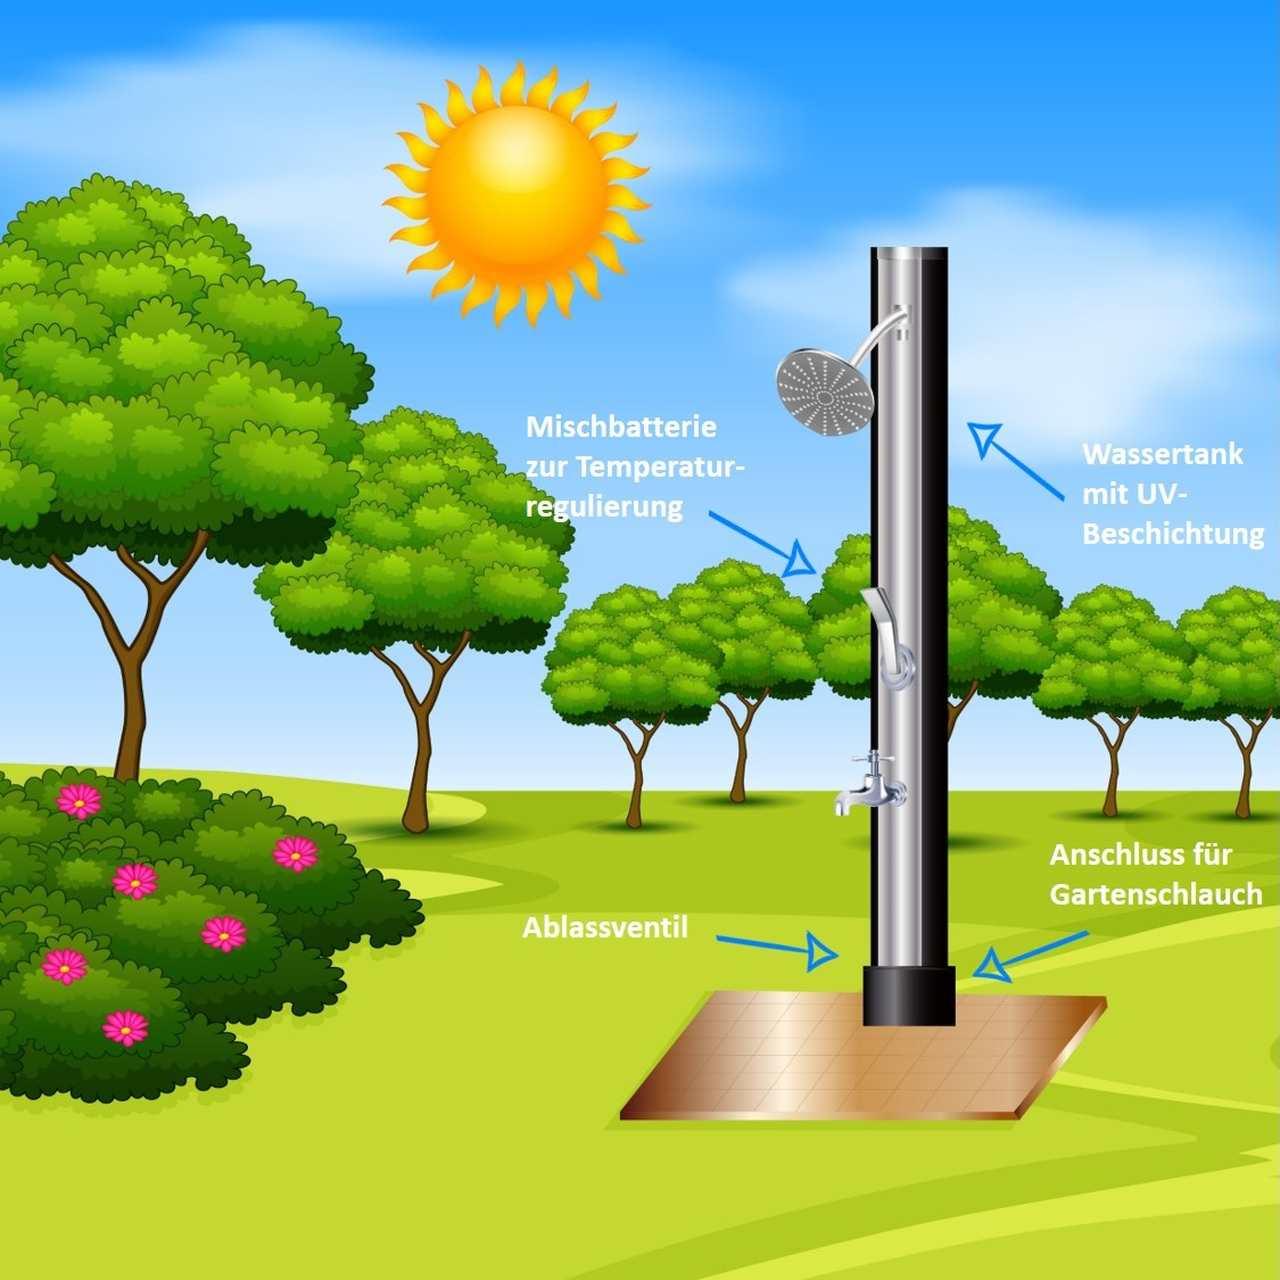 Solardusche Funktionsweise